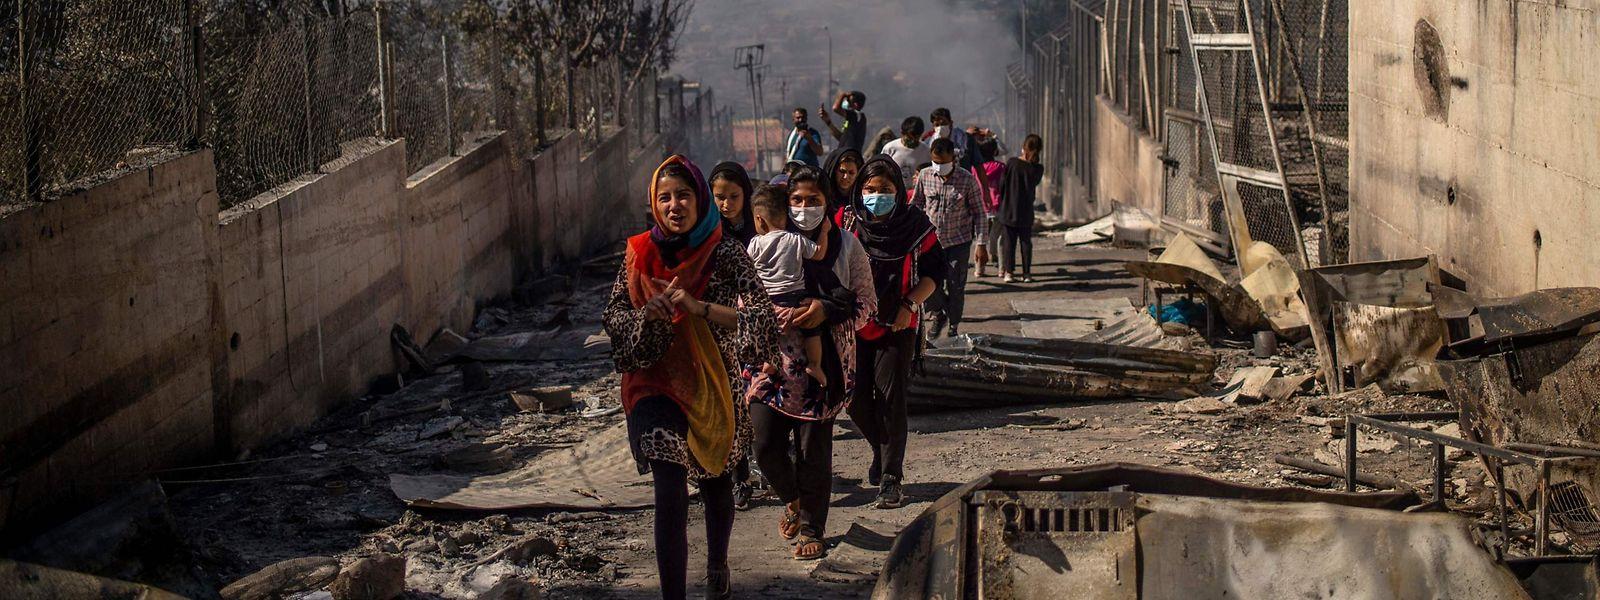 Près de 12.000 personnes se retrouvent dans une situation encore plus critique après le sinistre qui a ravagé le campement insalubre et surpeuplé.